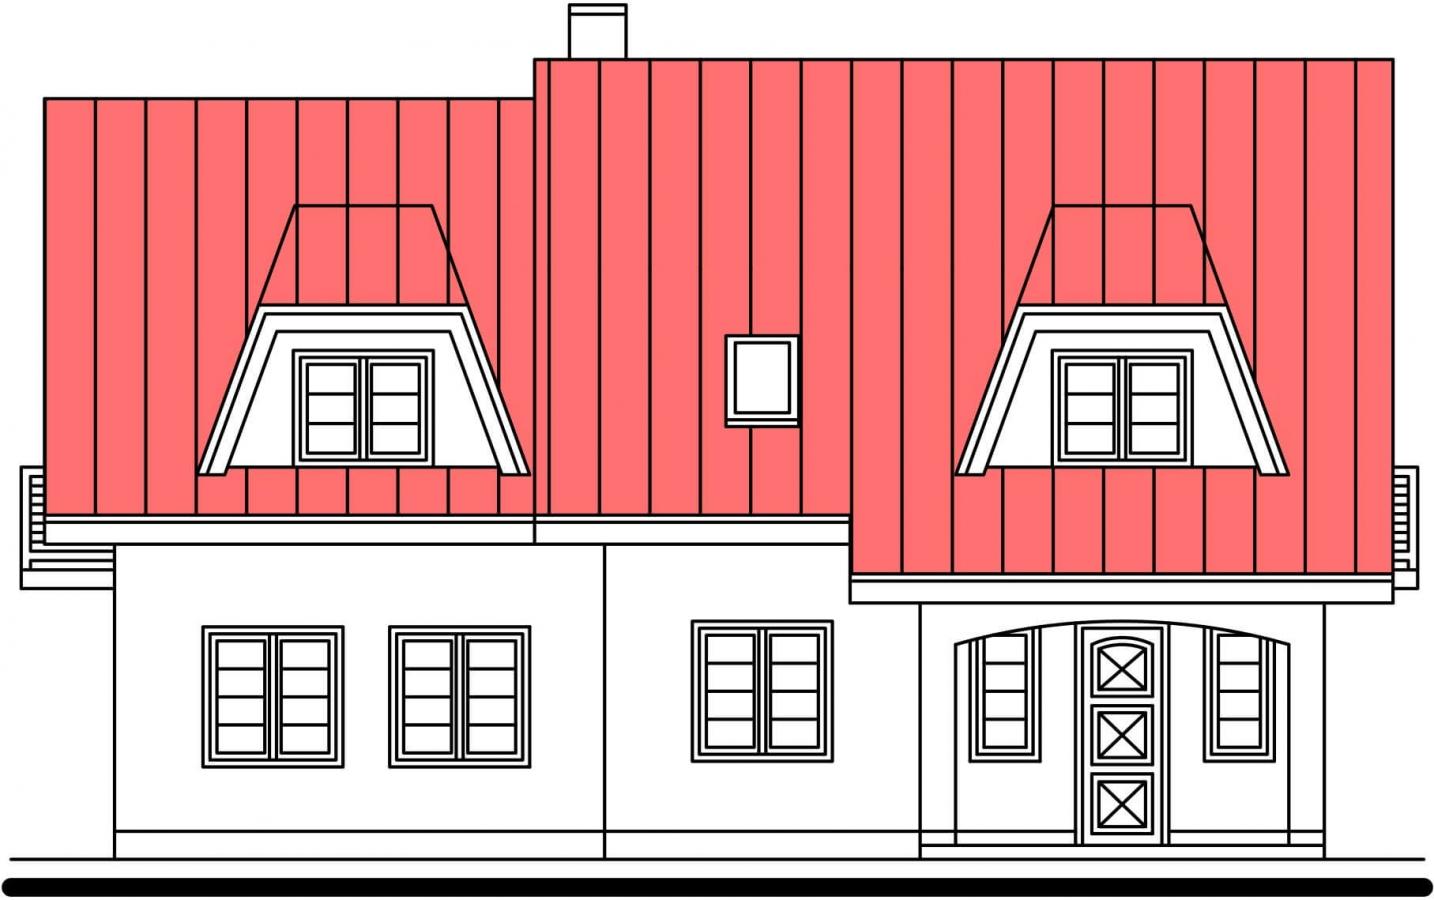 Pohľad 1. - Vidiecky rodinný dom.